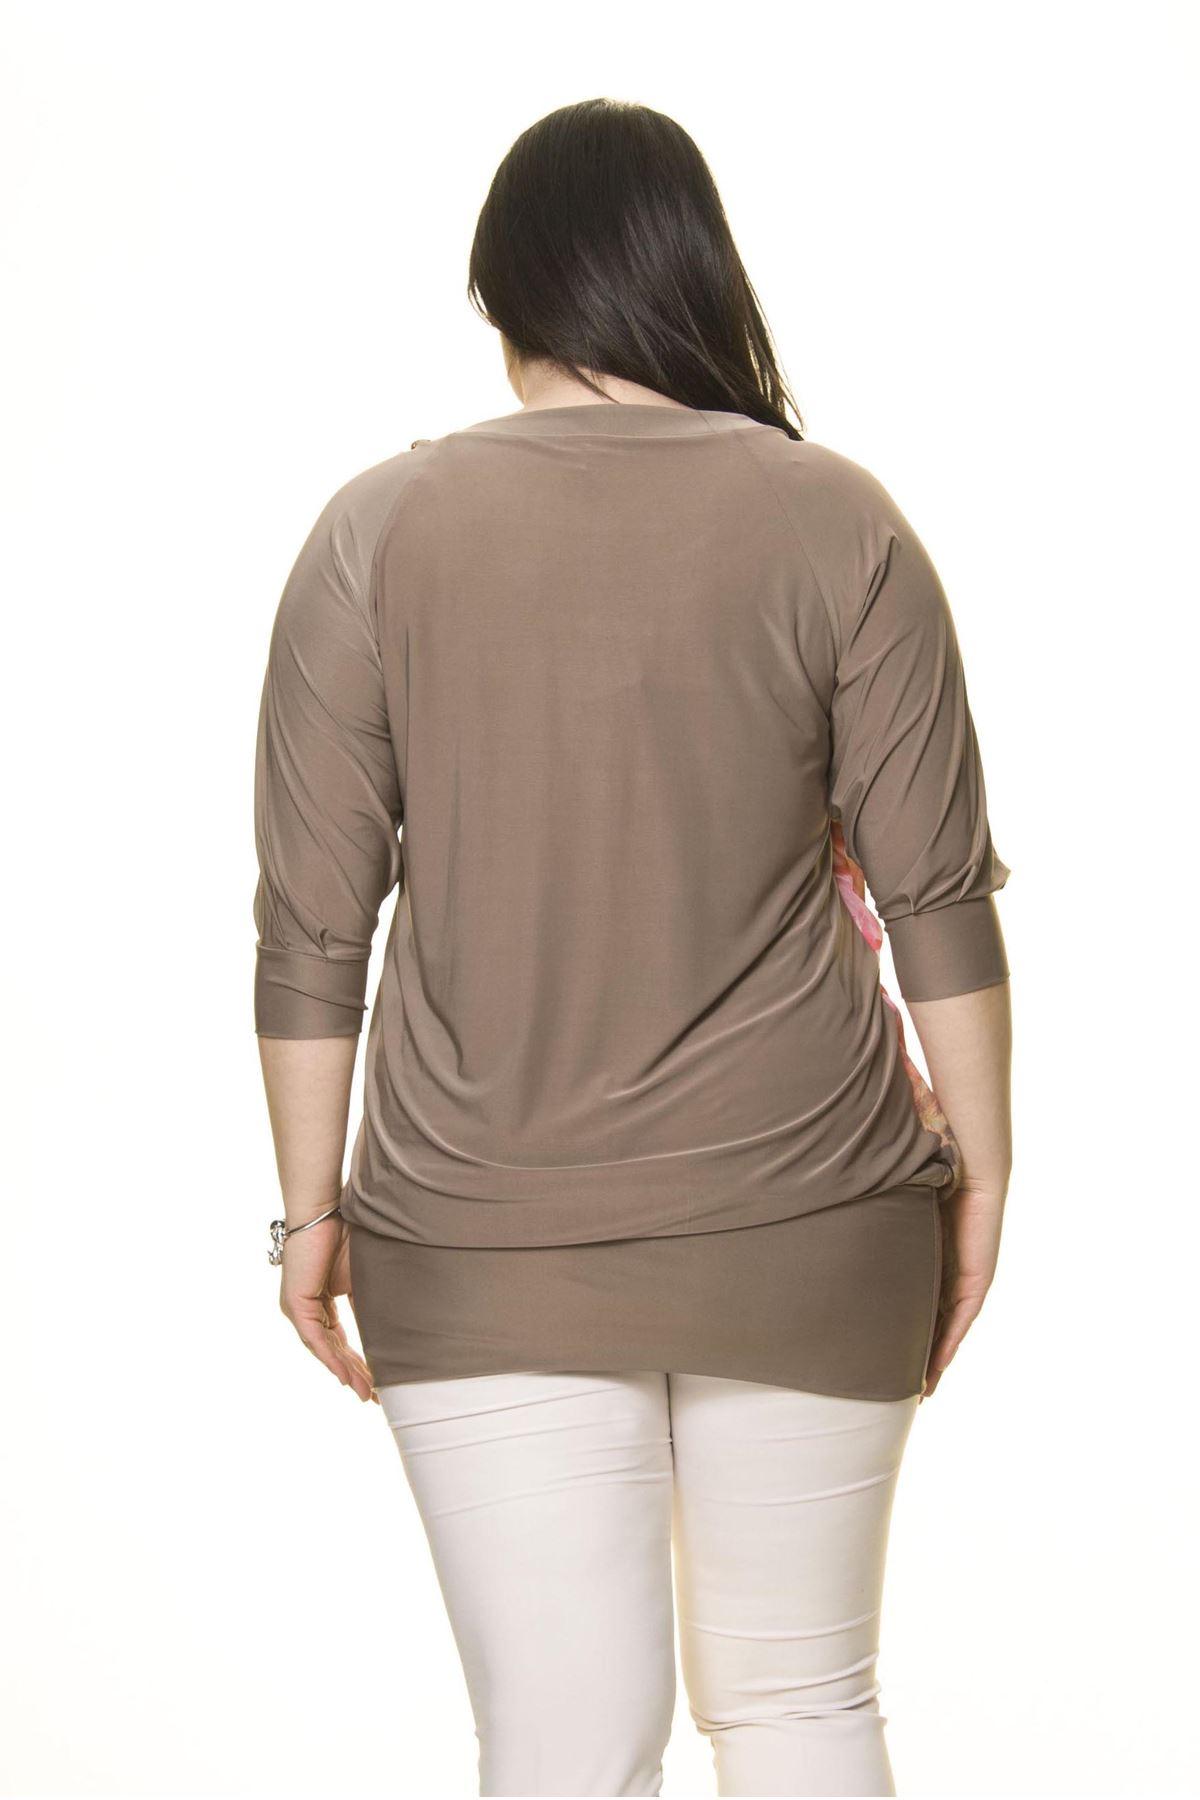 Kadın Büyük Beden Vizon Şifon Parçalı Bluz  A1-3006